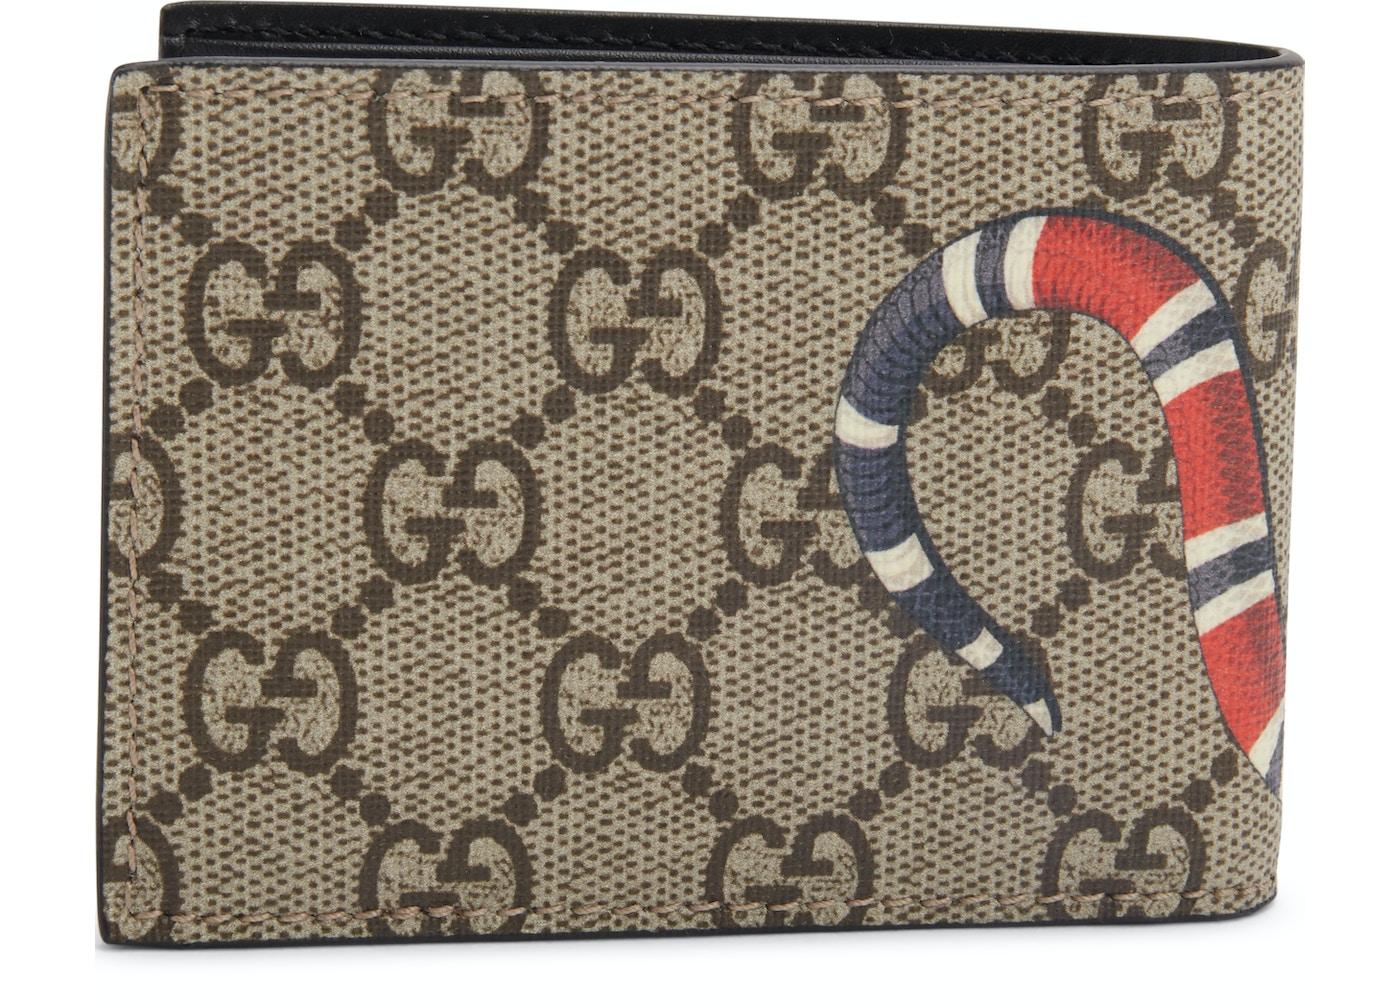 6618422bab28 Gucci Bifold Wallet GG Supreme Kingsnake (4 Card Slots) Beige